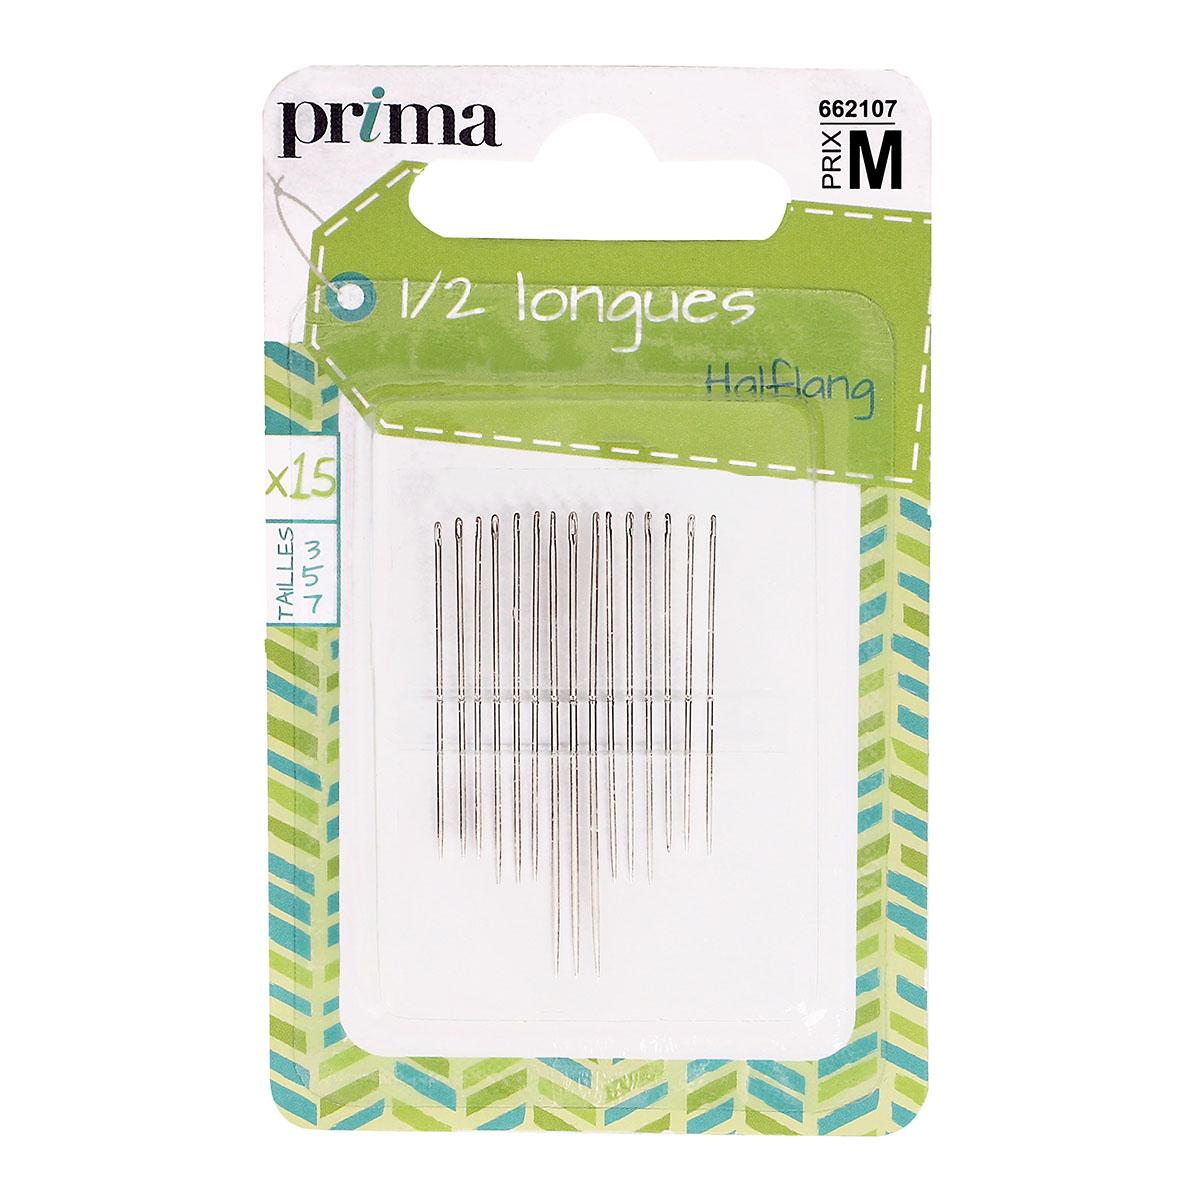 Aiguille 1/2 longues x15 avec pack - Prima Mercerie